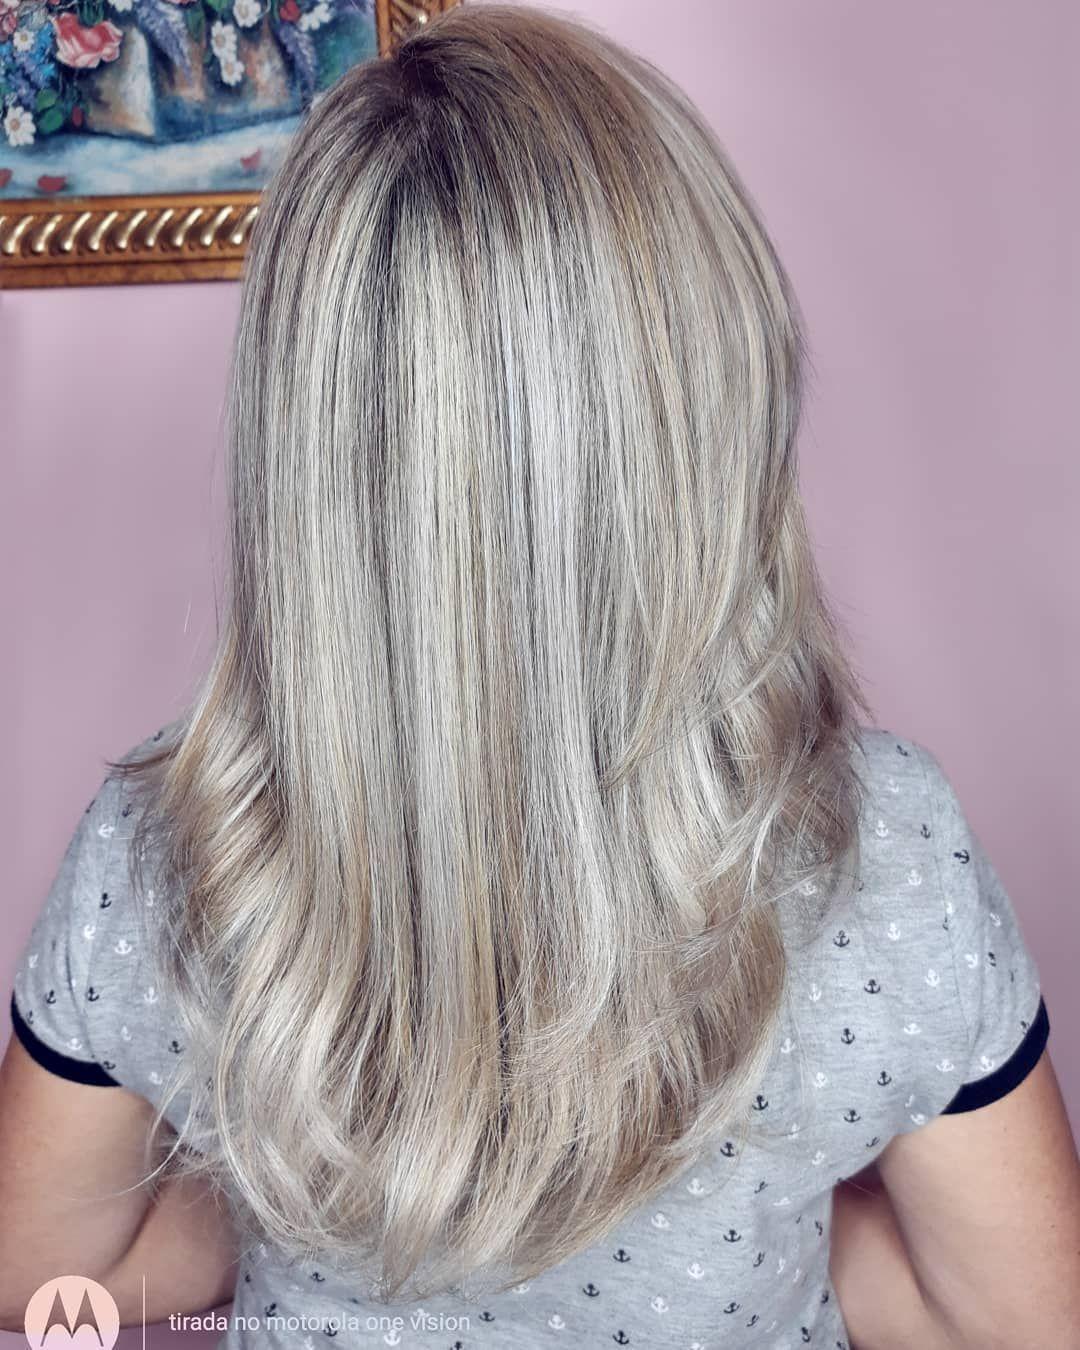 Loirinho Luxo Loiro Blond Blondhair Cabelos Hair